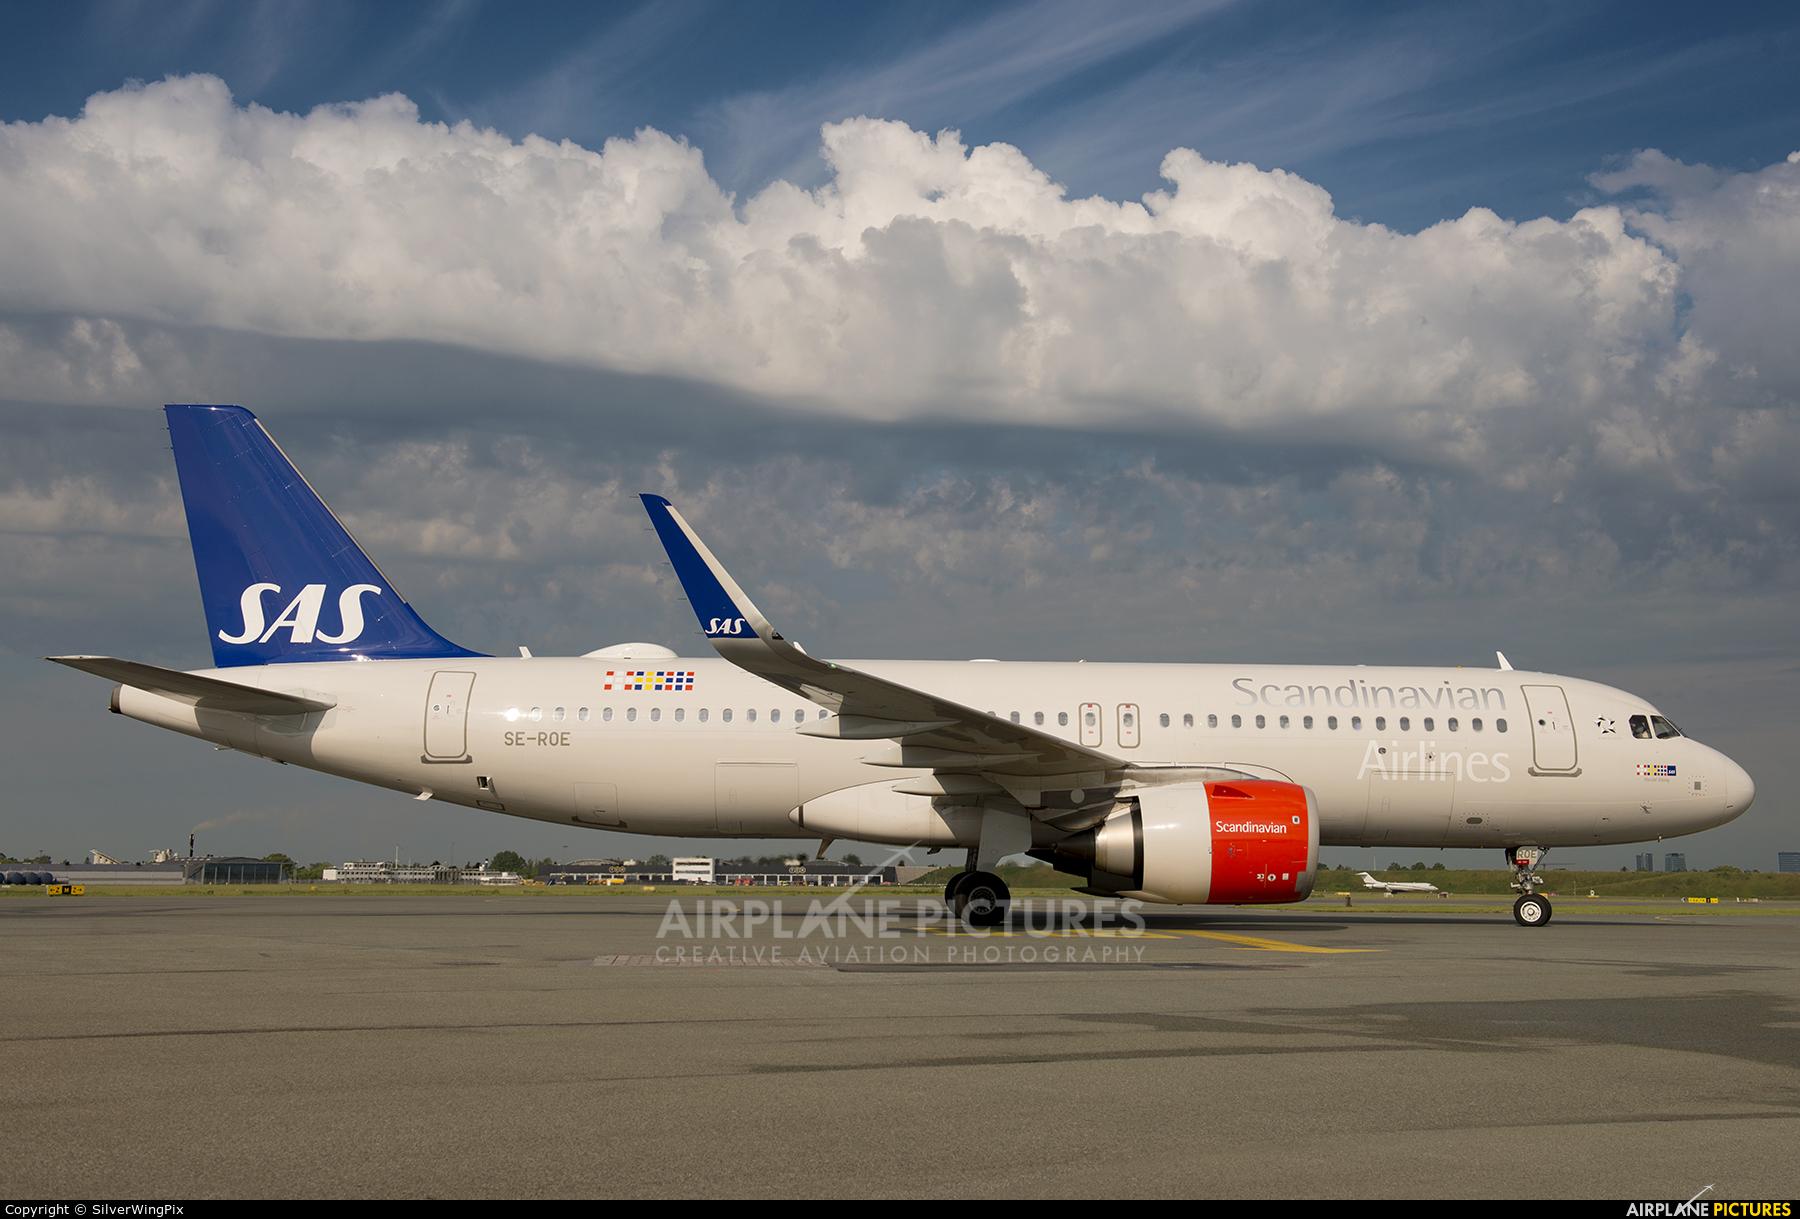 SAS - Scandinavian Airlines SE-ROE aircraft at Copenhagen Kastrup